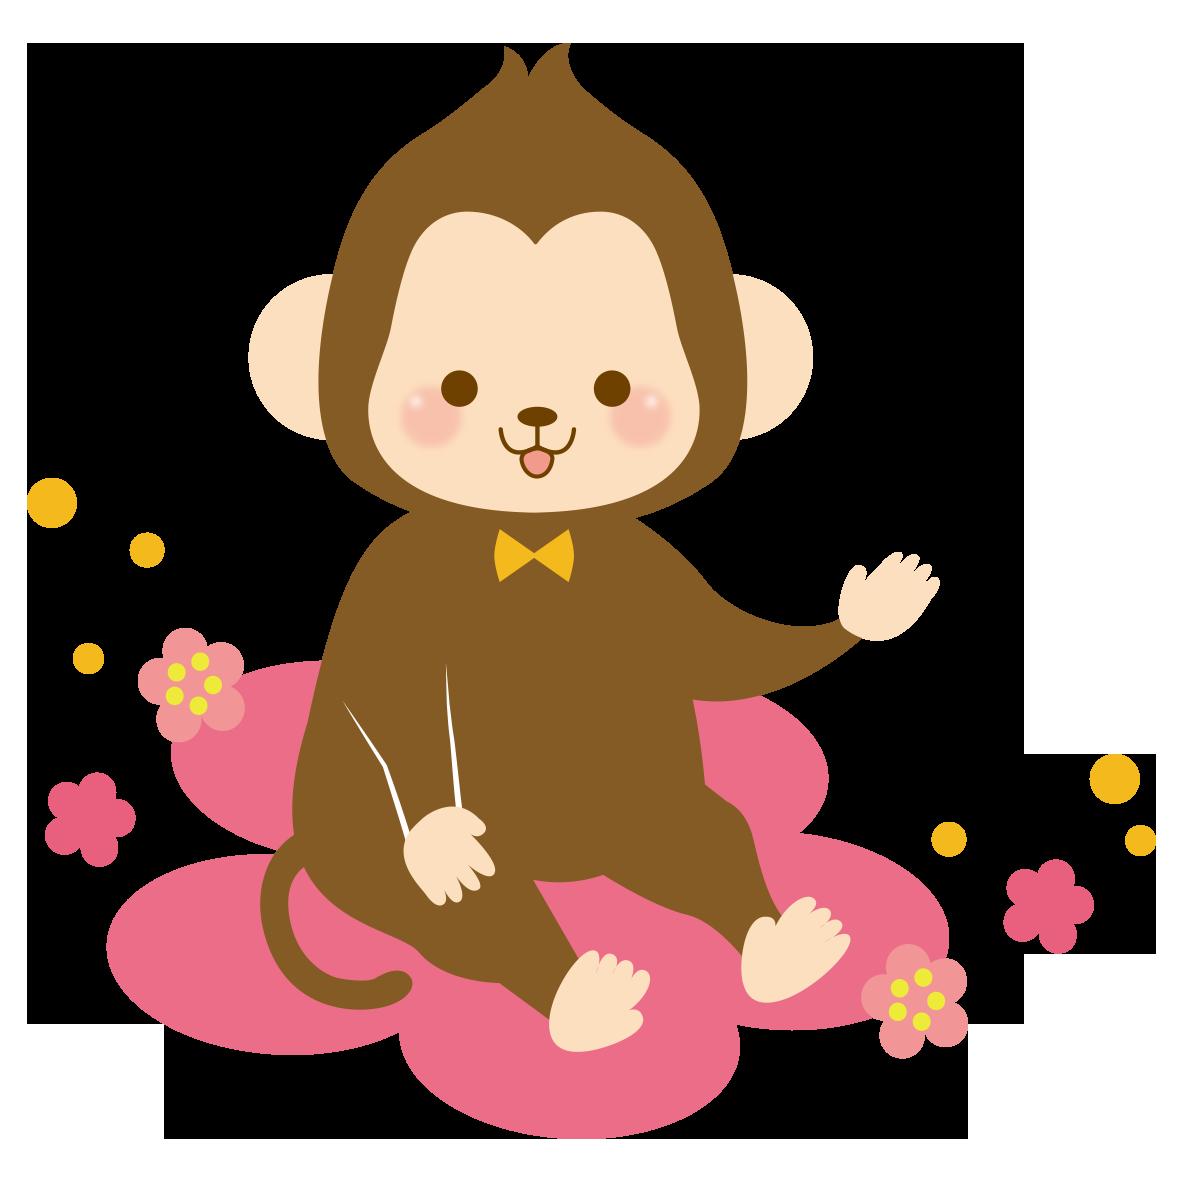 猿」のイラスト一覧 - 無料イラスト愛